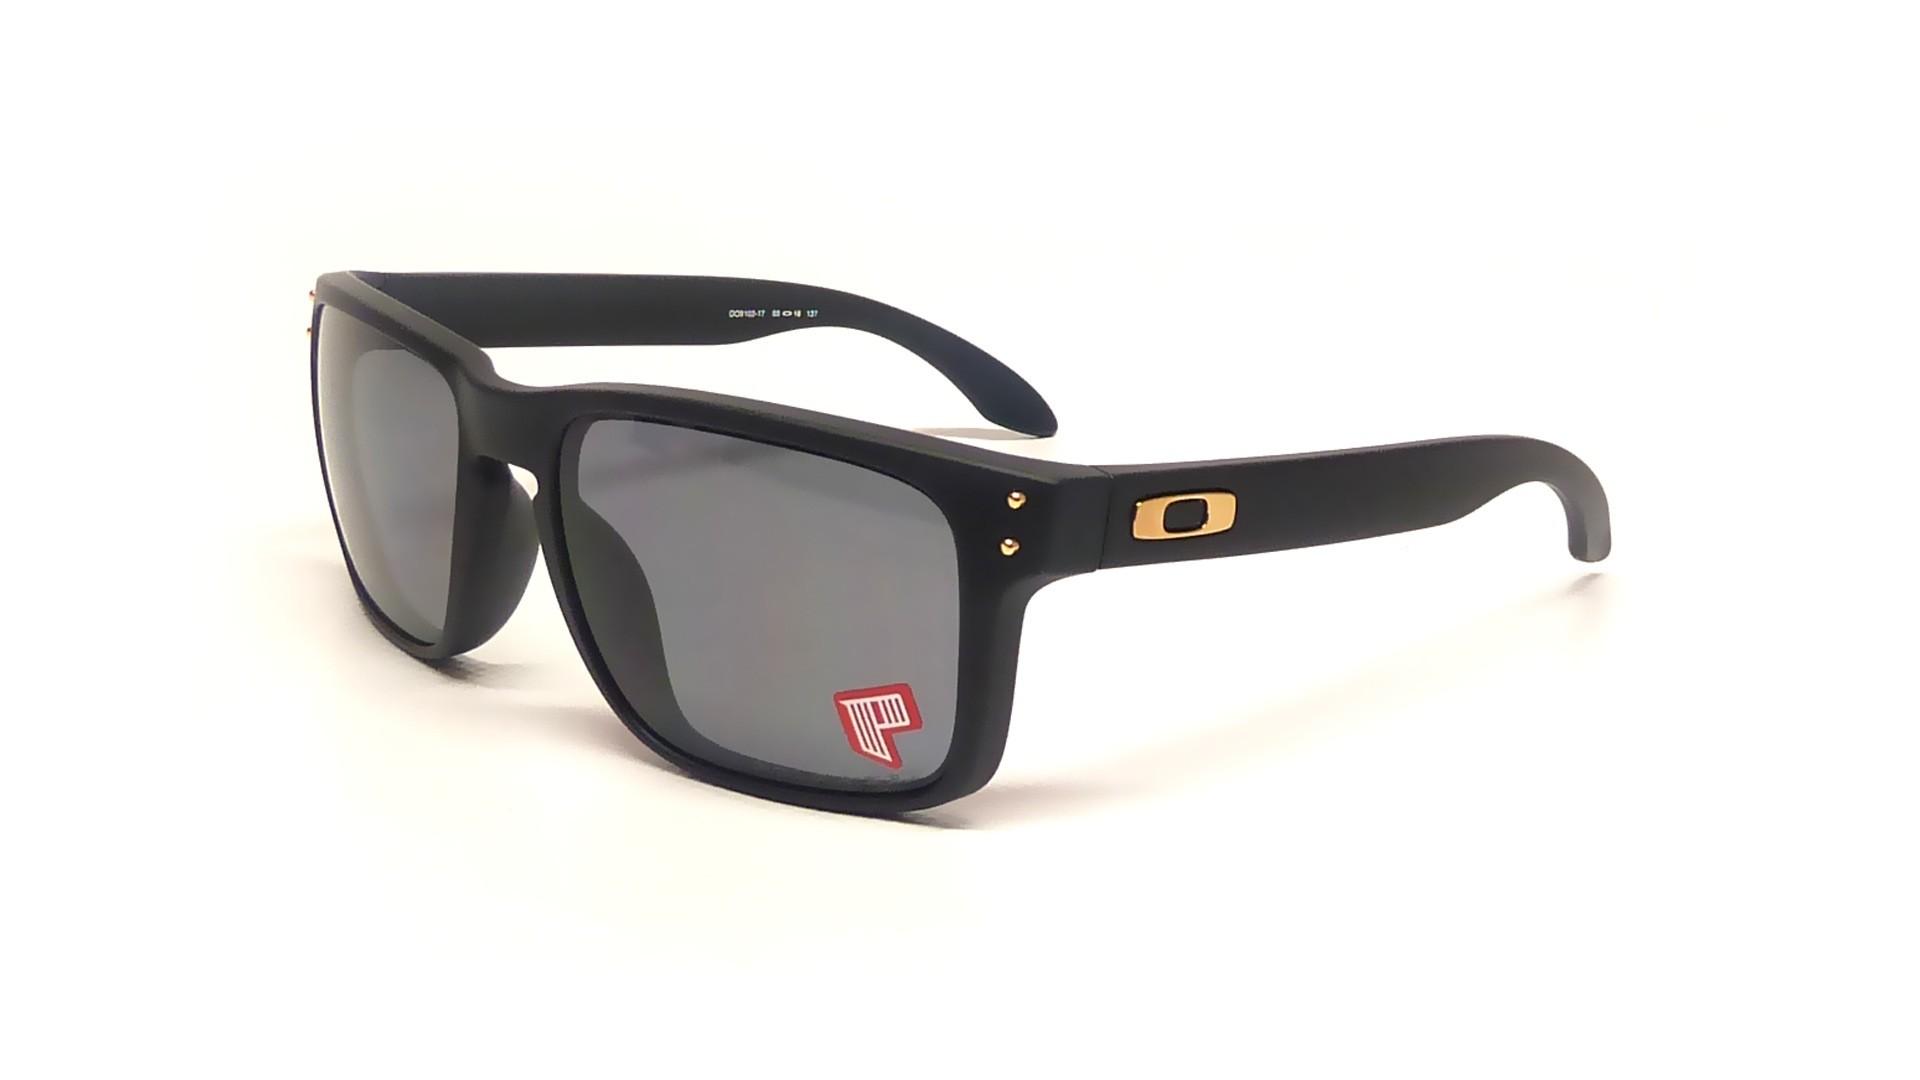 oakley eyewear km36  oakley eyewear